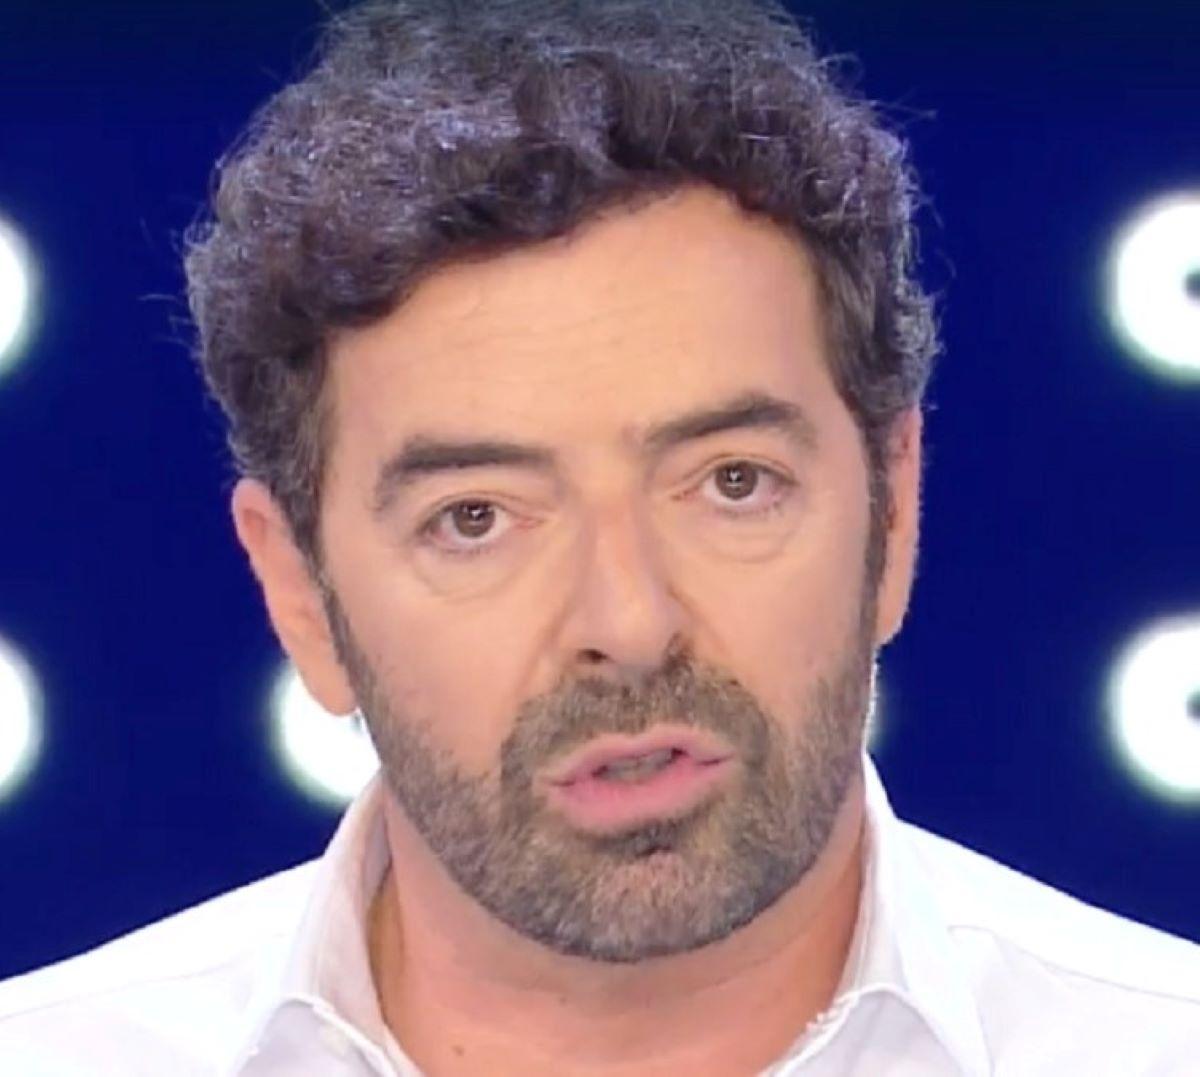 Alberto Matano Annuncio Problemi Albano Carrisi Ballando con le stelle